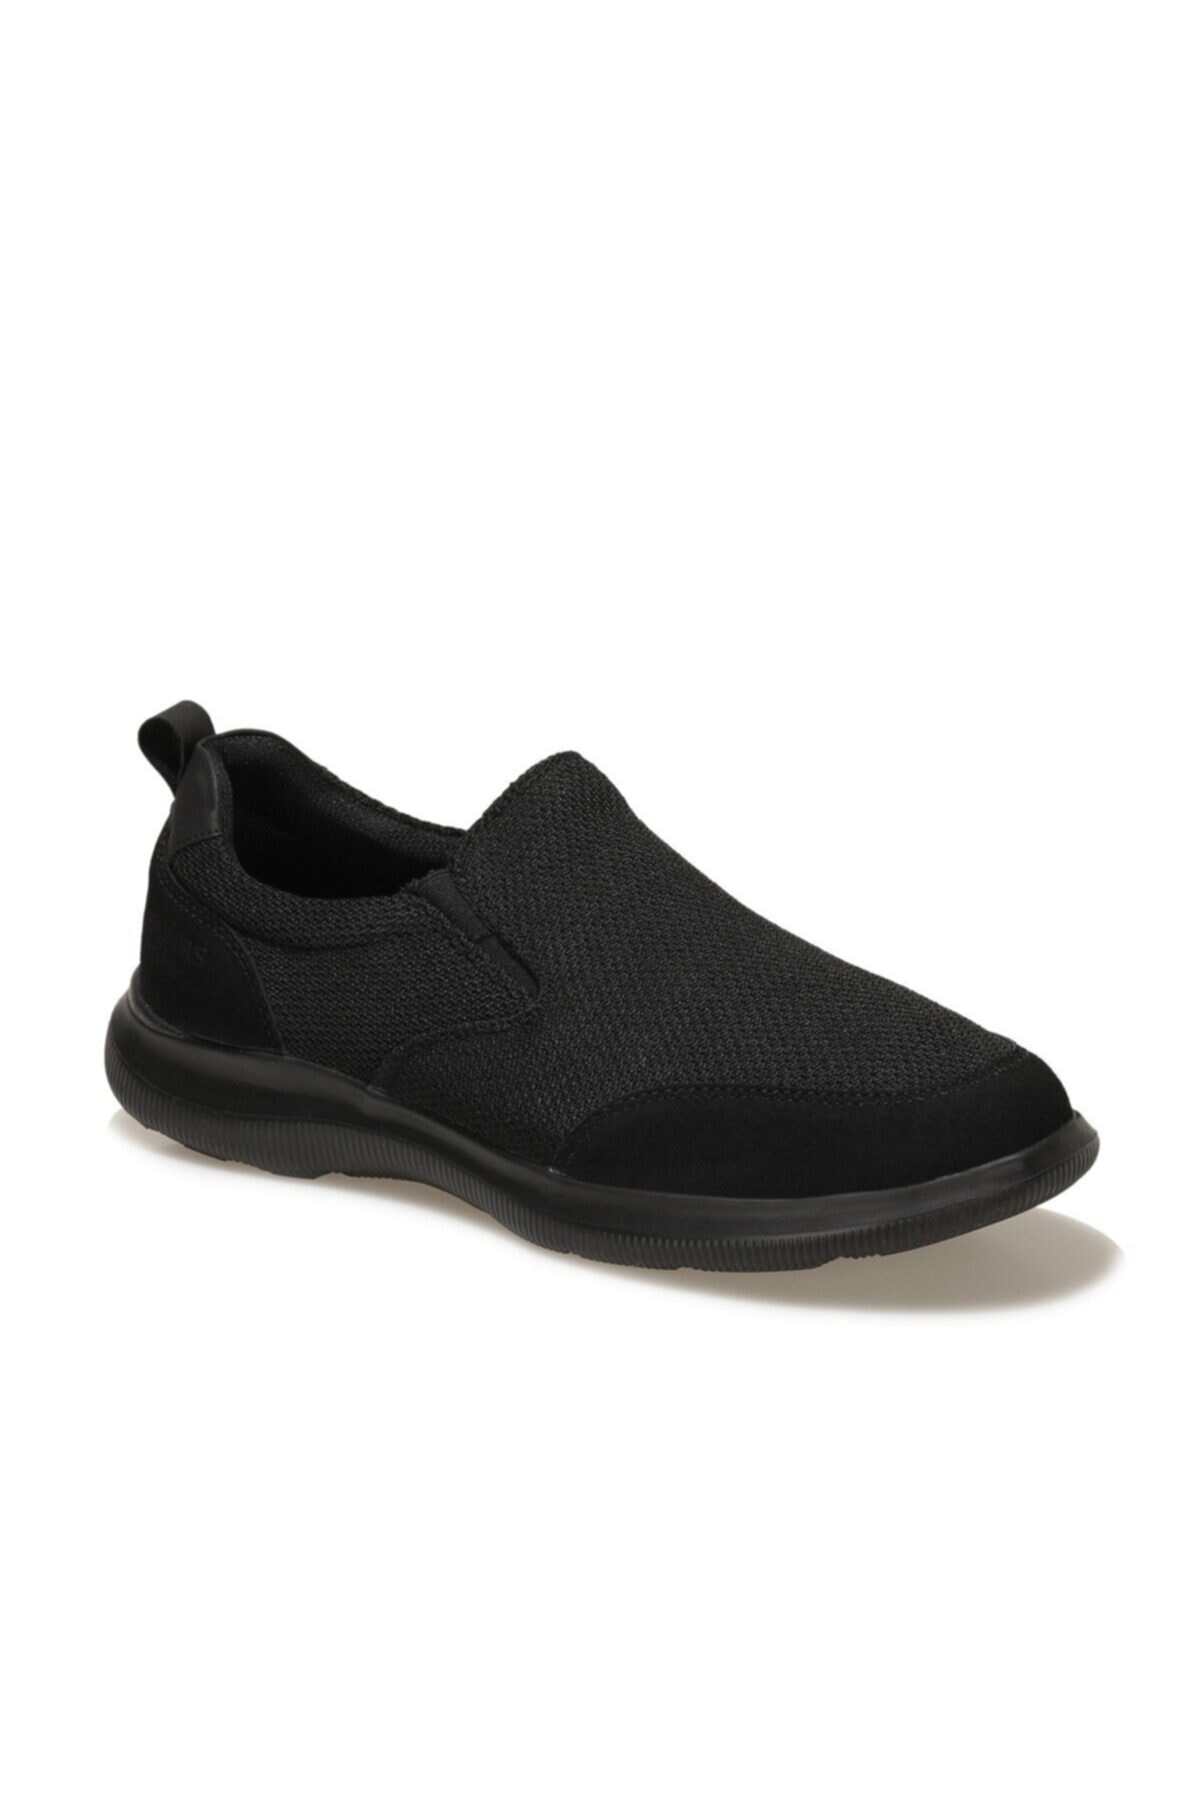 230193 1FX Siyah Erkek Comfort Ayakkabı 100916847